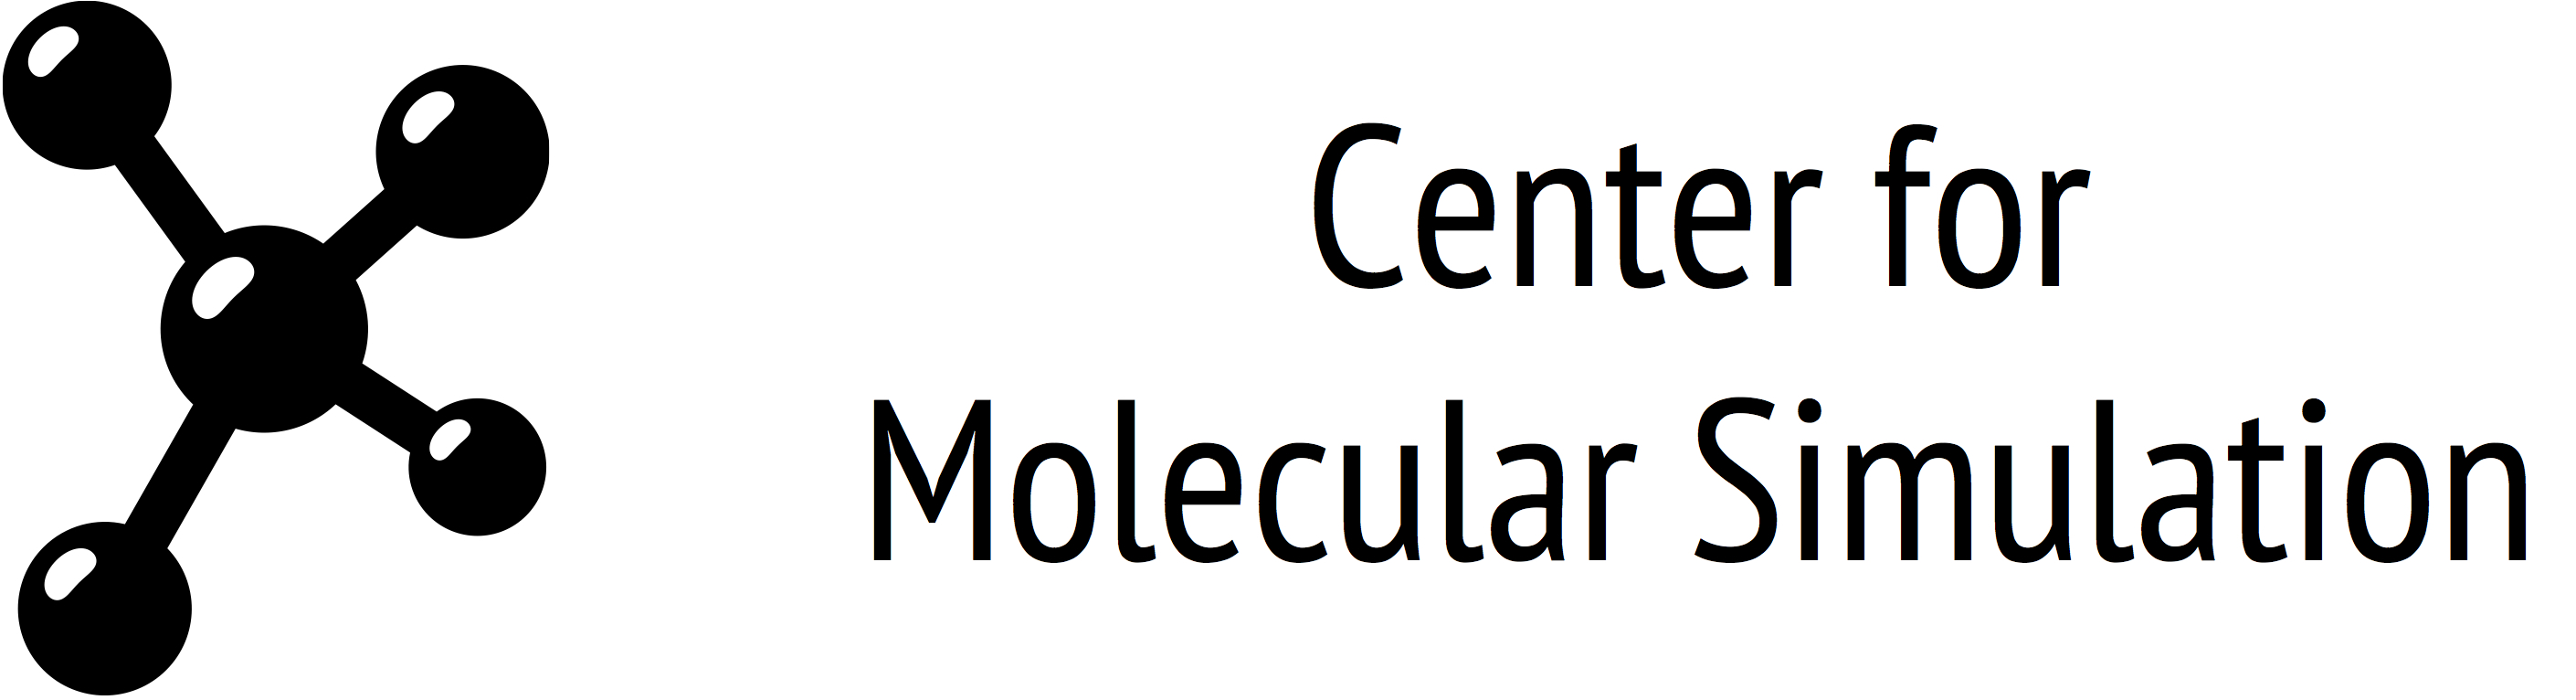 simulaiton_center